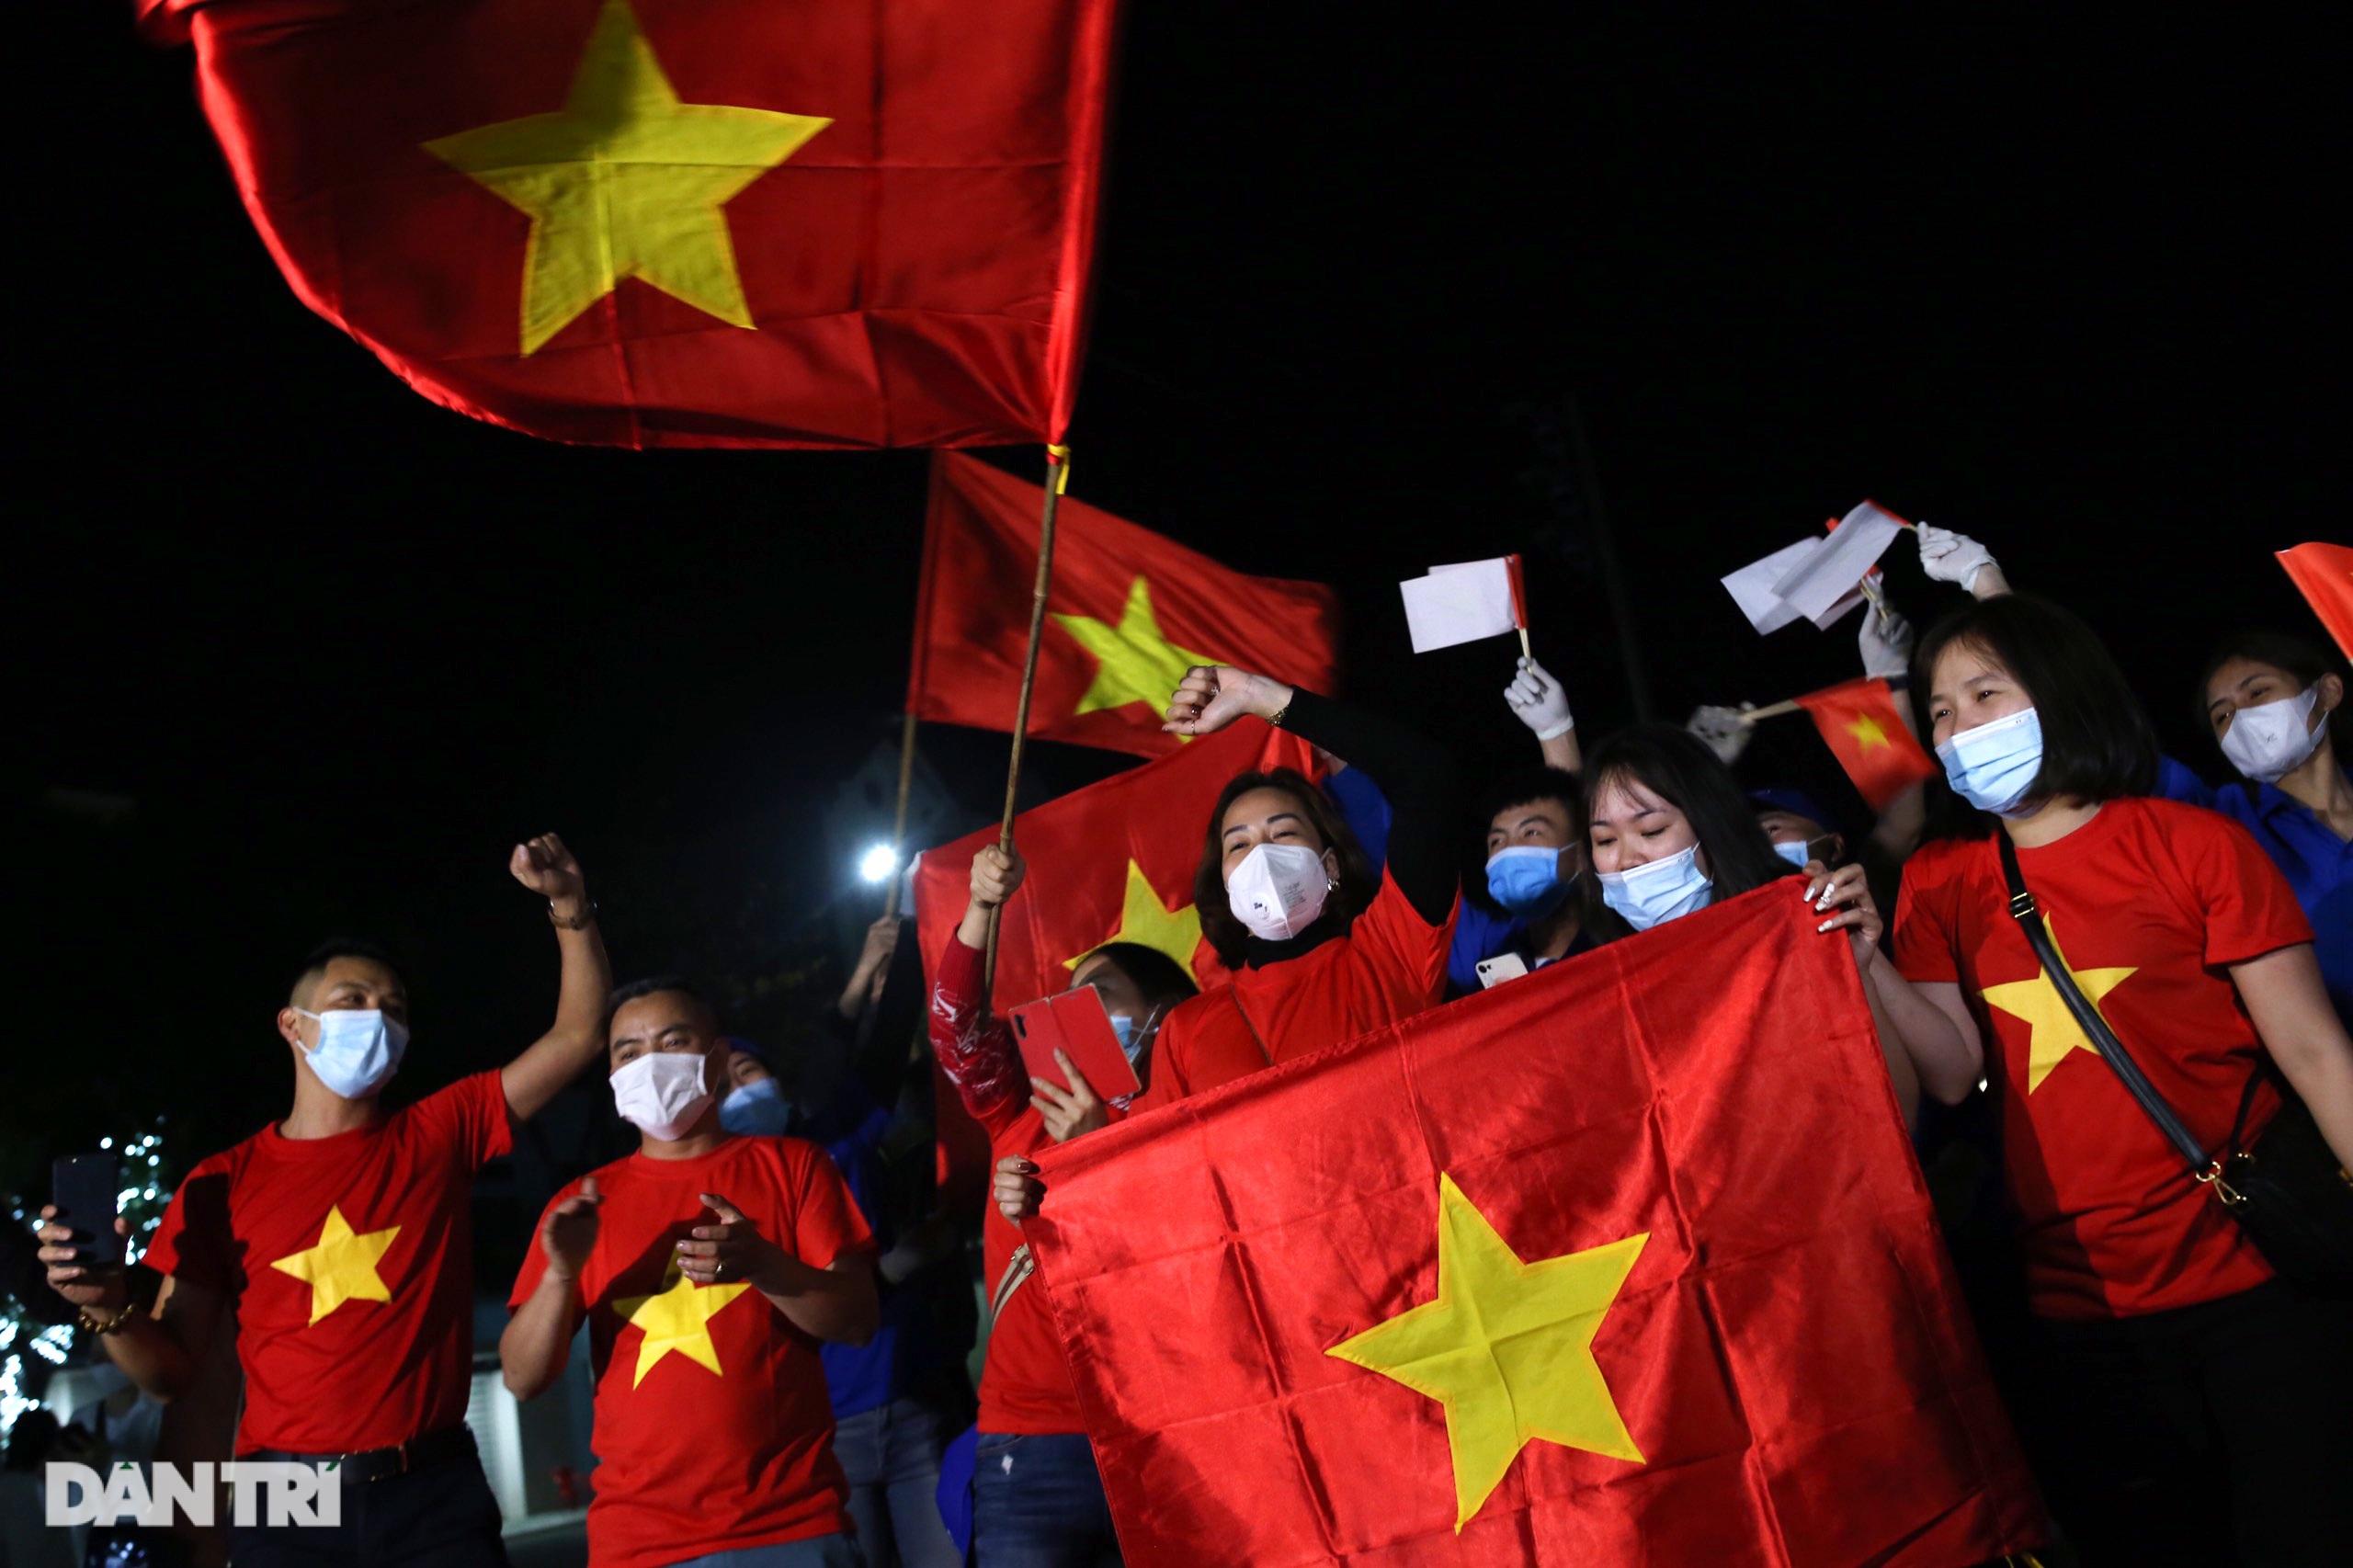 Cờ hoa rực rỡ, người dân vỡ òa cảm xúc khi TP Chí Linh được gỡ phong tỏa - 4